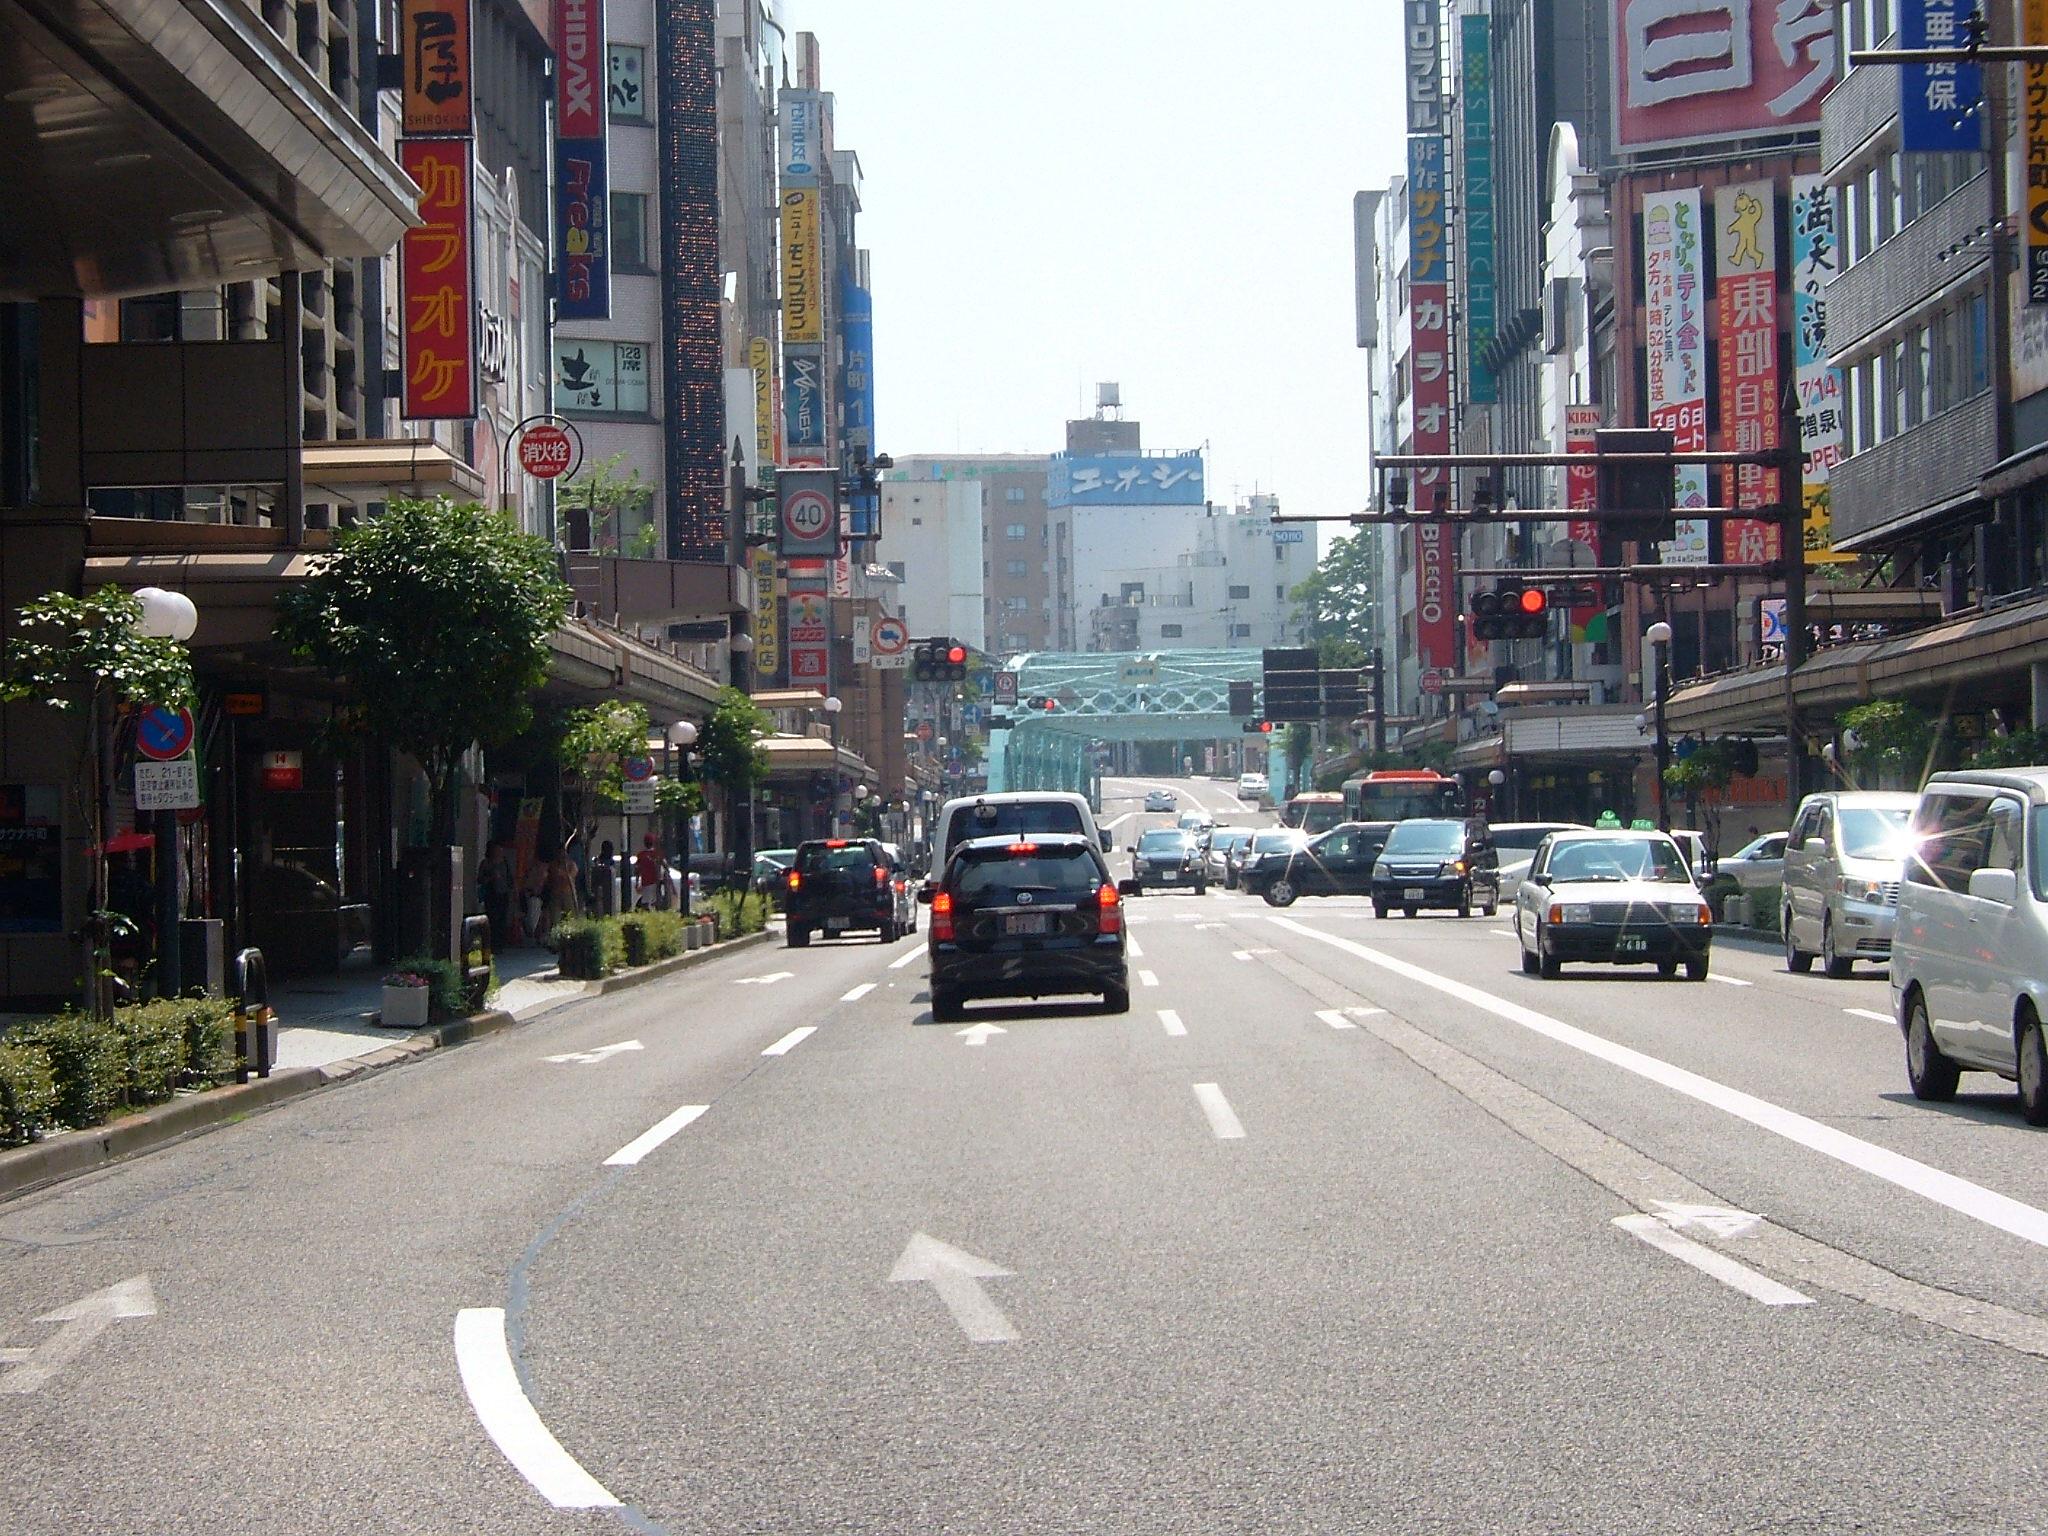 片町 ( 金沢市 ) - Wikipedia